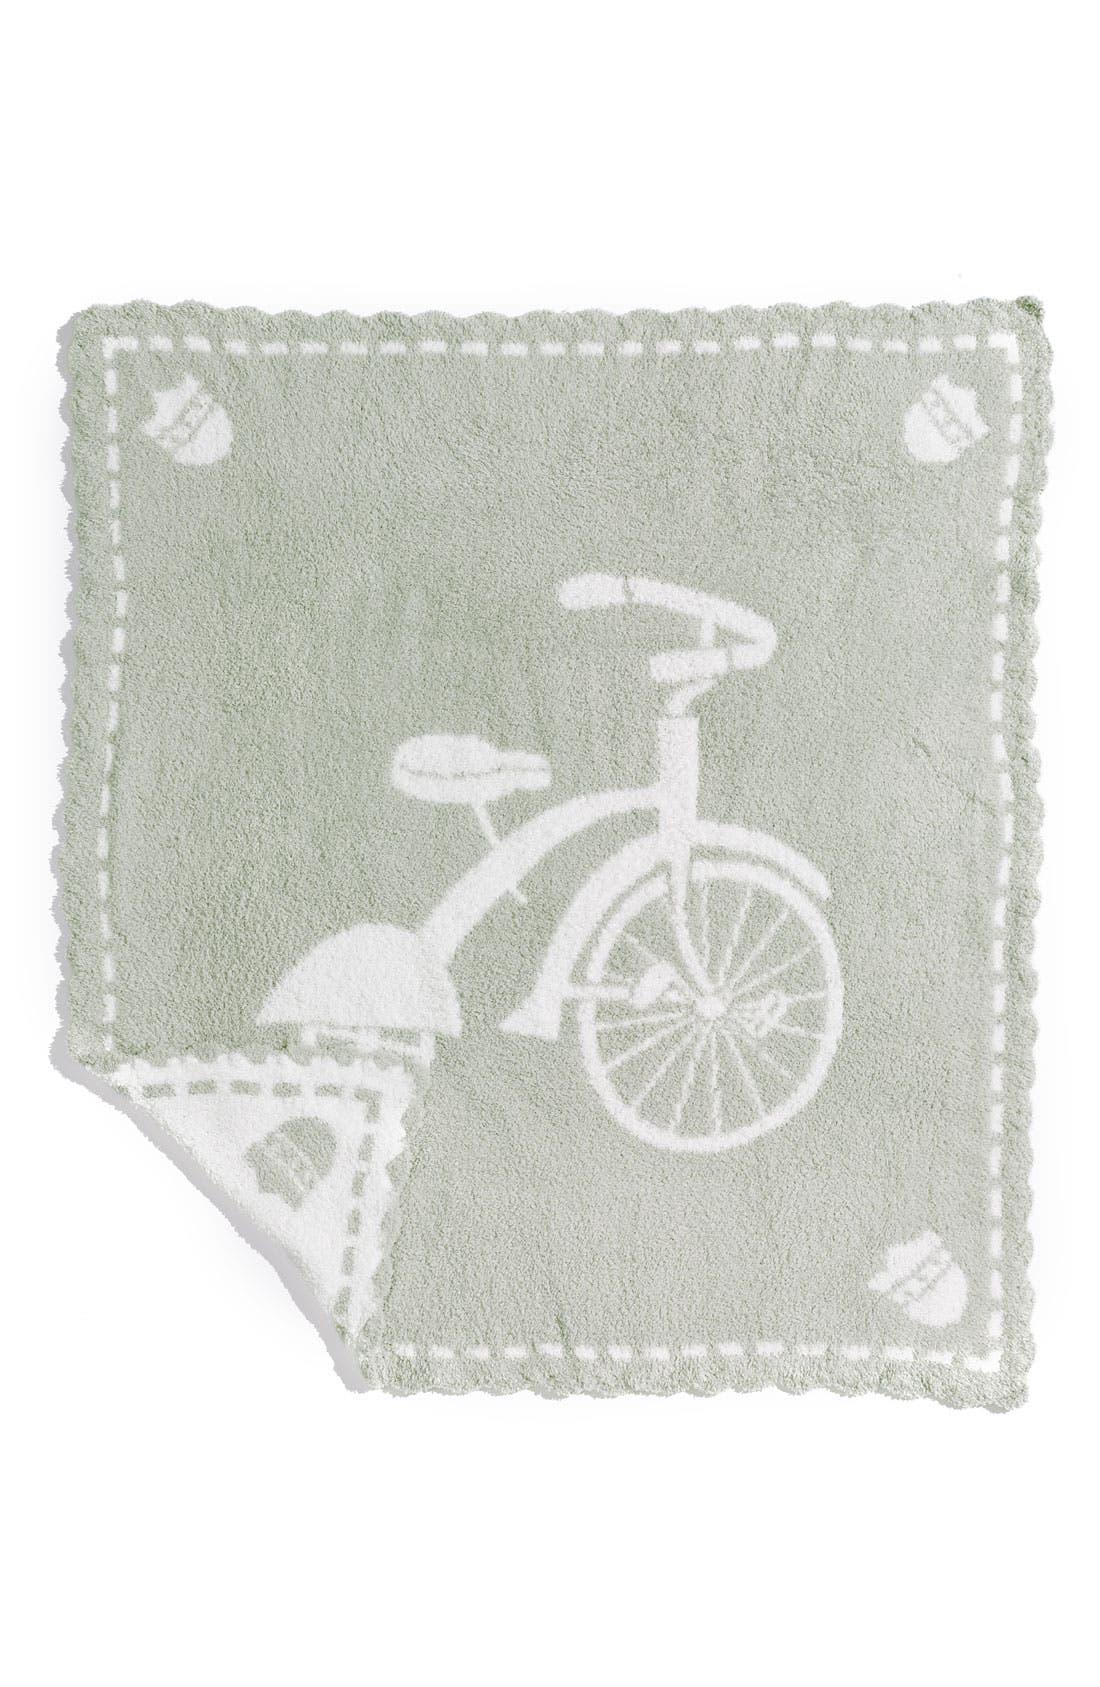 Alternate Image 1 Selected - Barefoot Dreams® Receiving Blanket